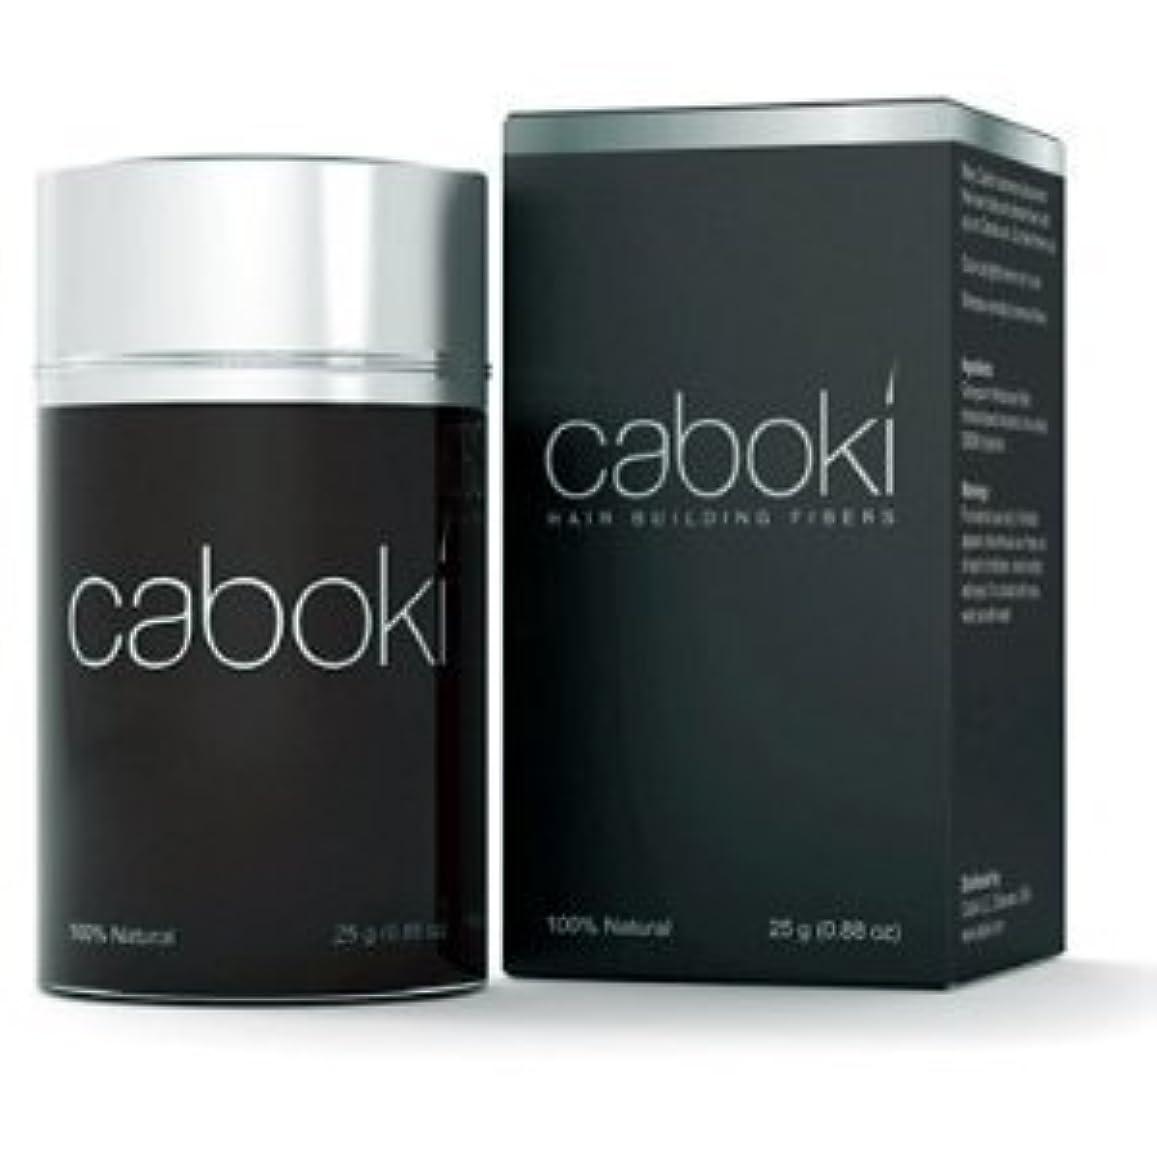 反対する逆に手配するCaboki カボキコンシーラー 約50日分 25g  (ミディアムブラウン MediumBrown) [並行輸入品]